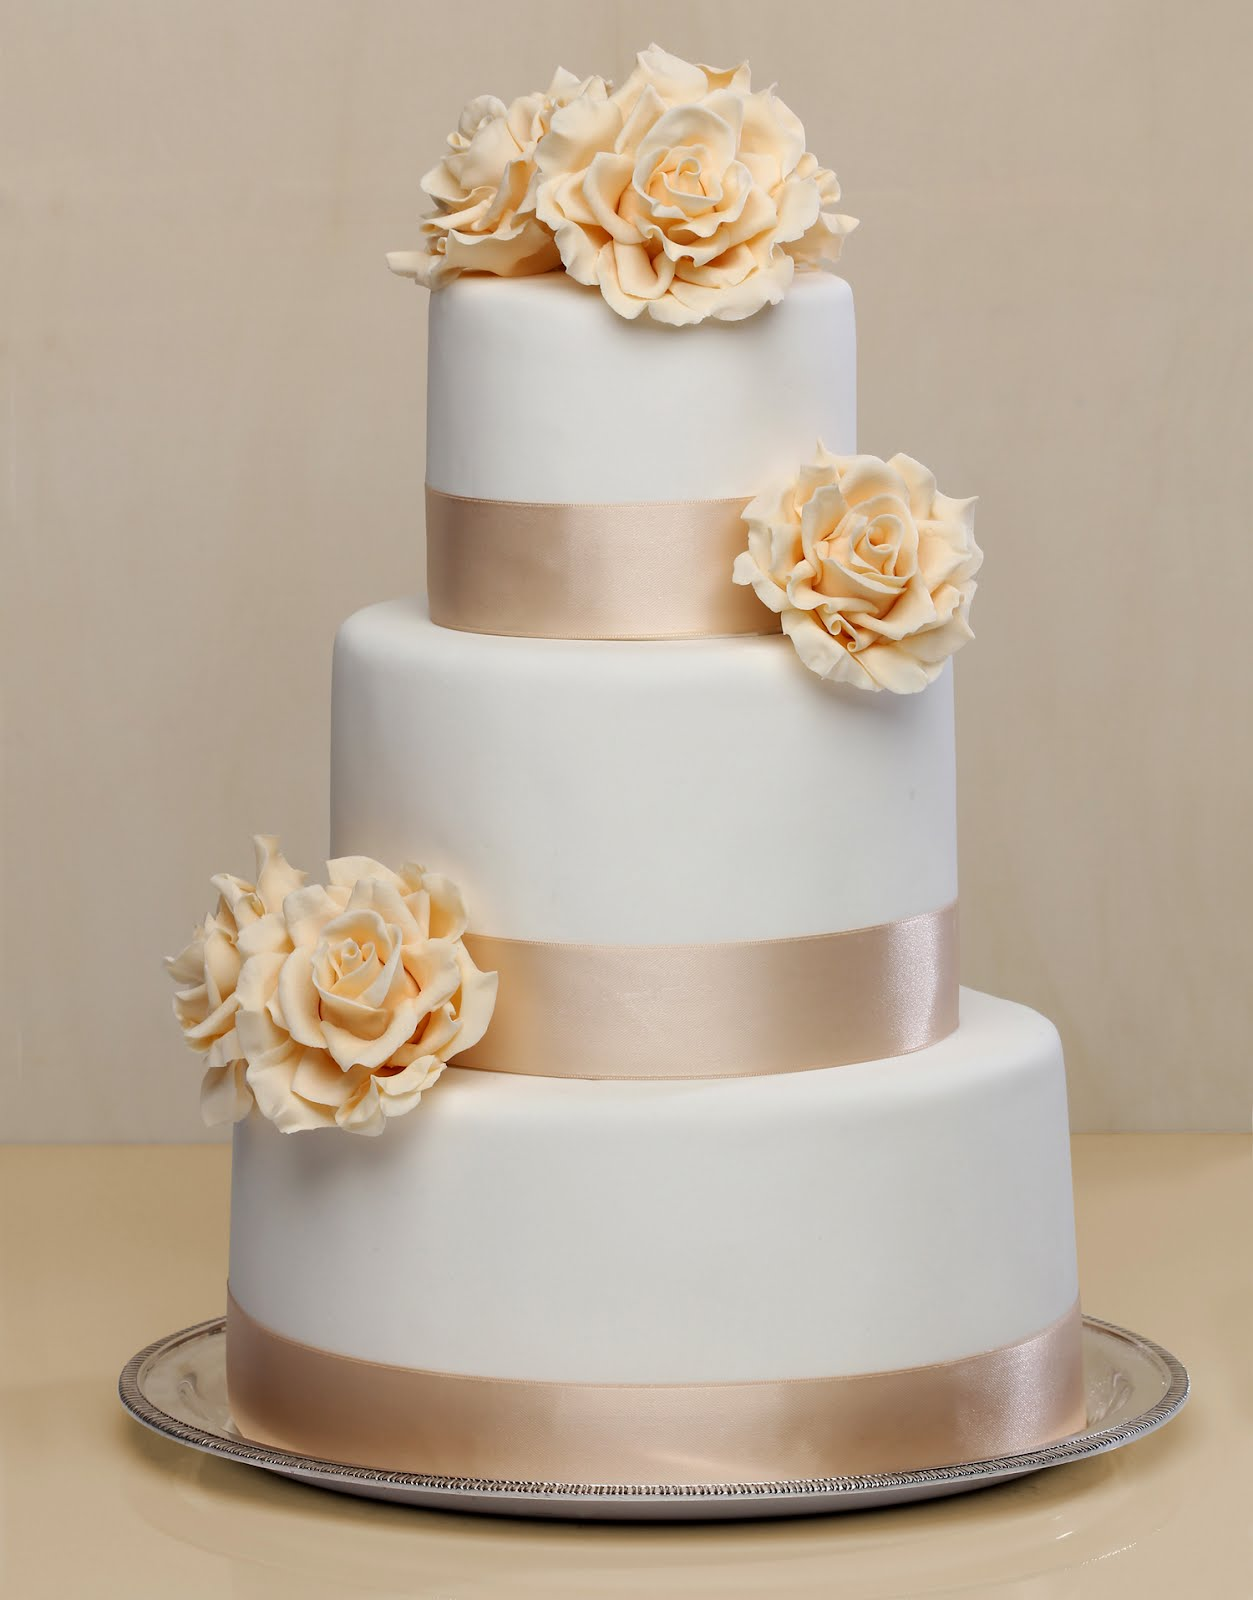 Nuevas tortas especiales para bodas - Bodas sencillas pero bonitas ...